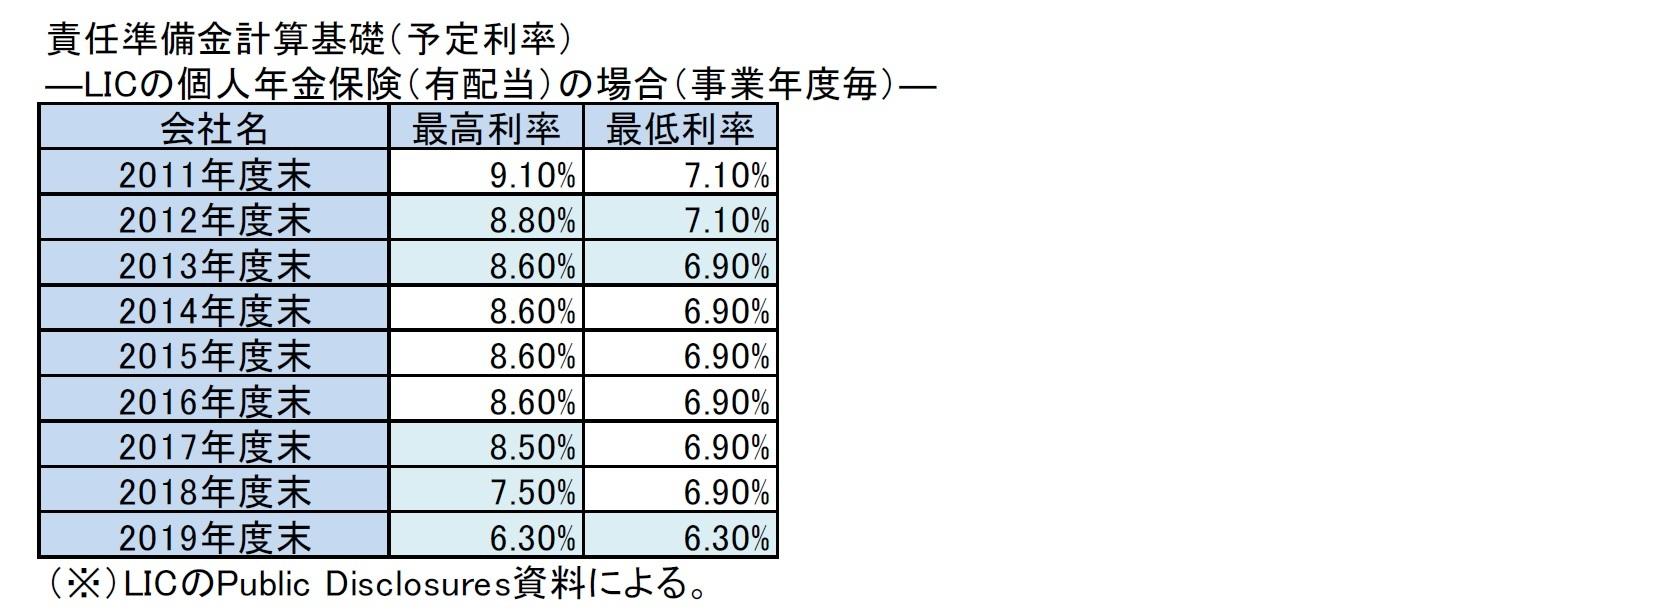 責任準備金計算基礎(予定利率)―LICの個人年金保険(有配当)の場合(事業年度毎)―